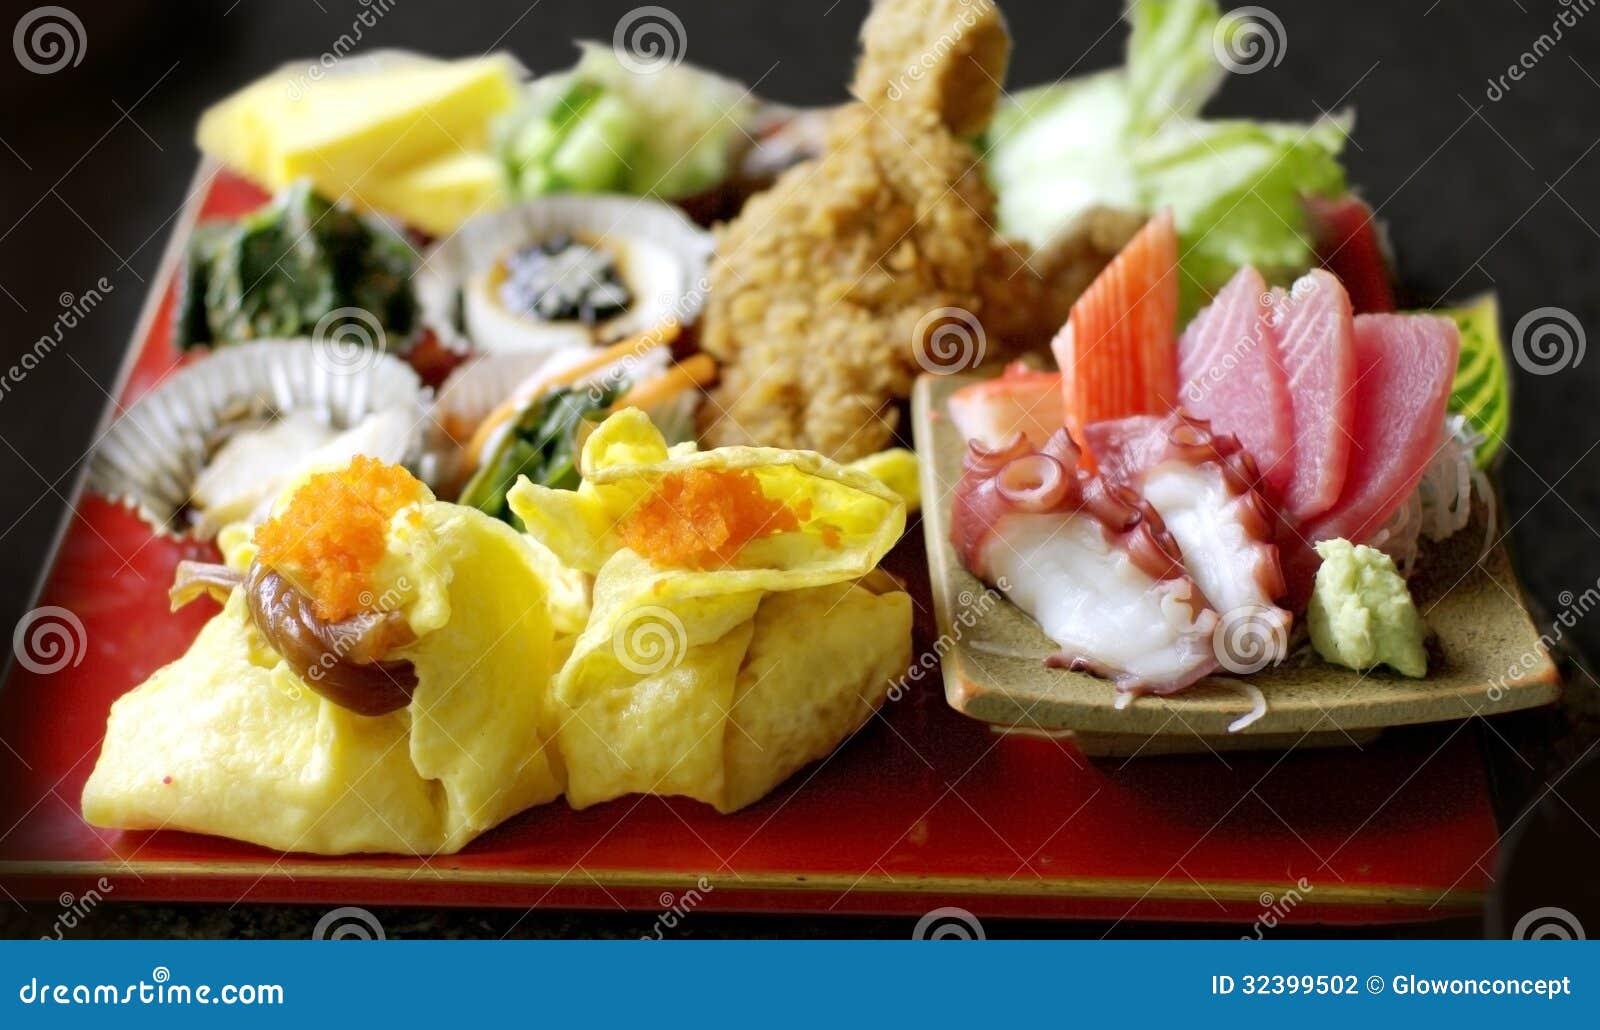 Ιαπωνικό σύνολο τροφίμων